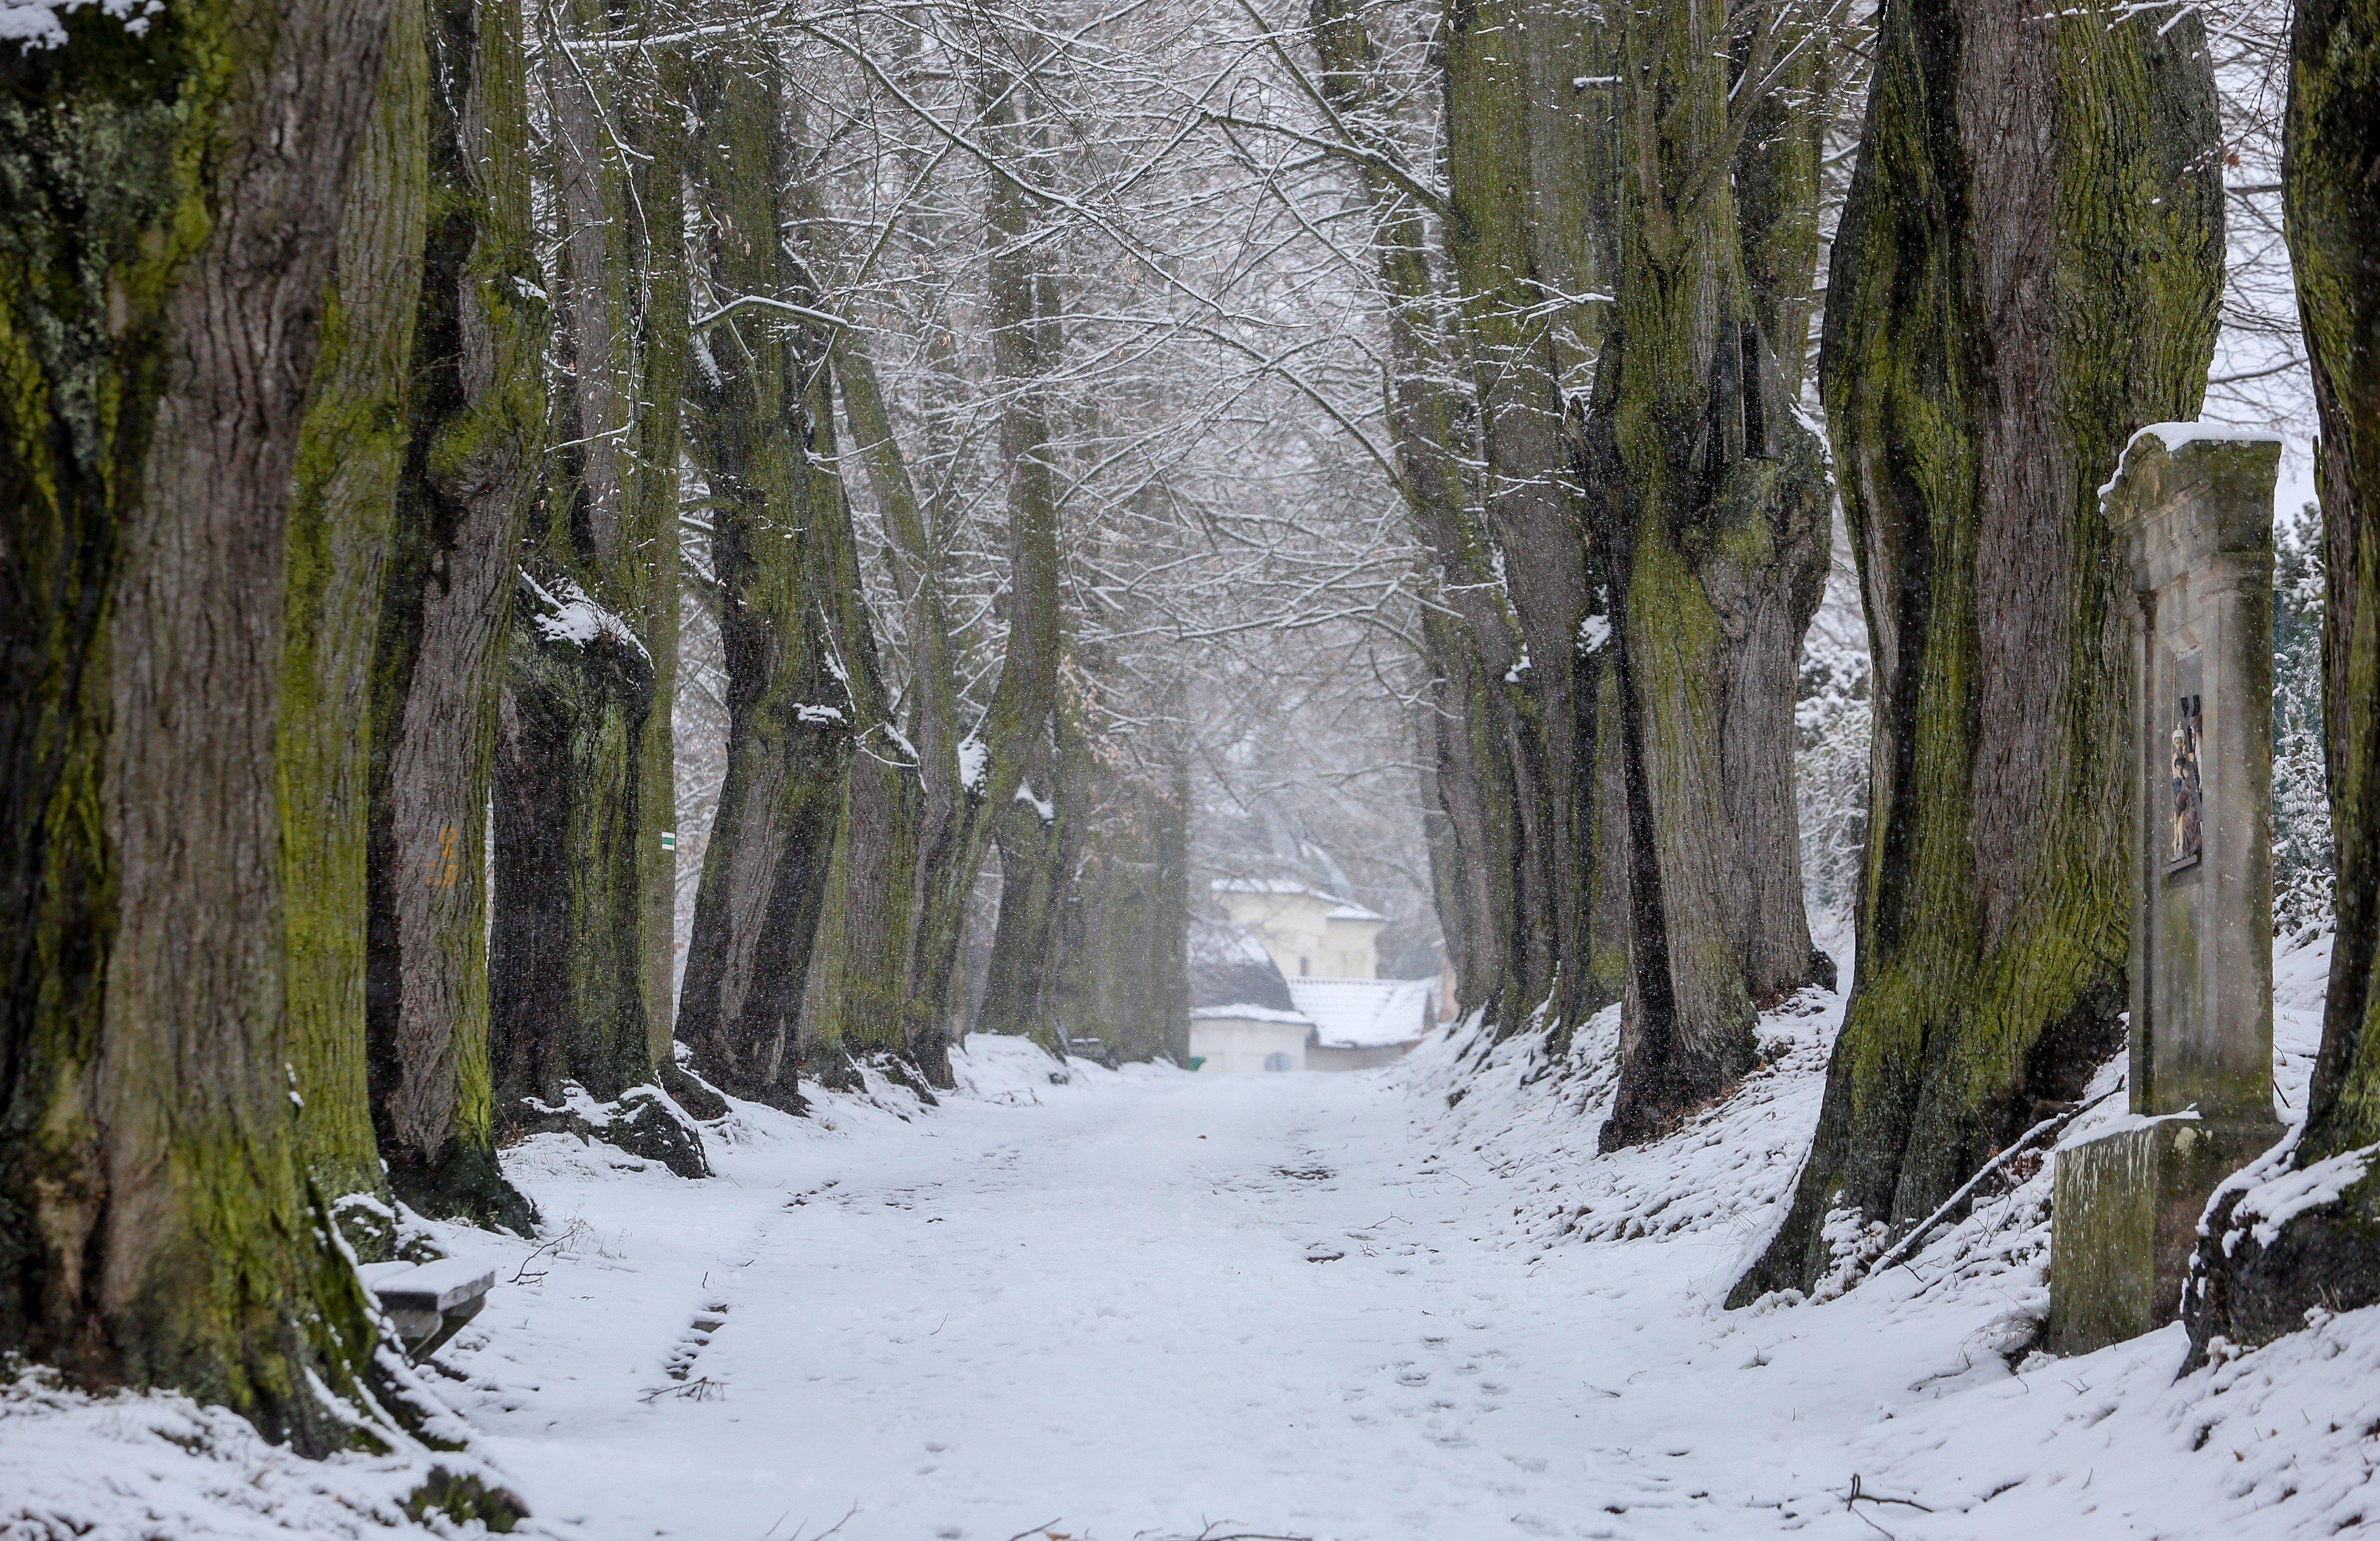 Klokotská alej v Táboře, stromořadí, sníh, zima, cesta